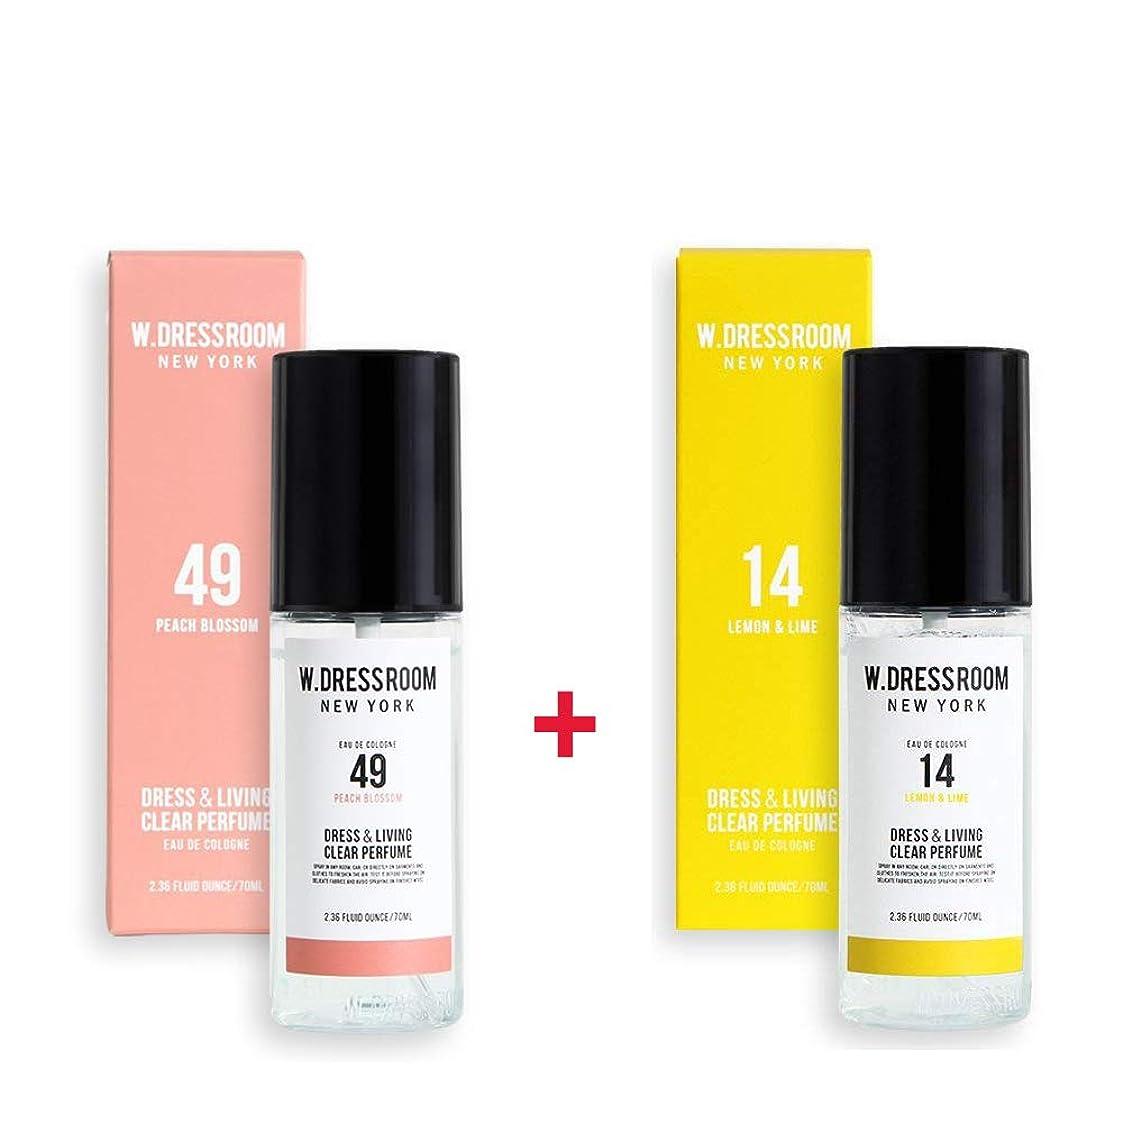 思い出させる傑出した教科書W.DRESSROOM Dress & Living Clear Perfume 70ml (No 49 Peach Blossom)+(No 14 Lemon & Lime)